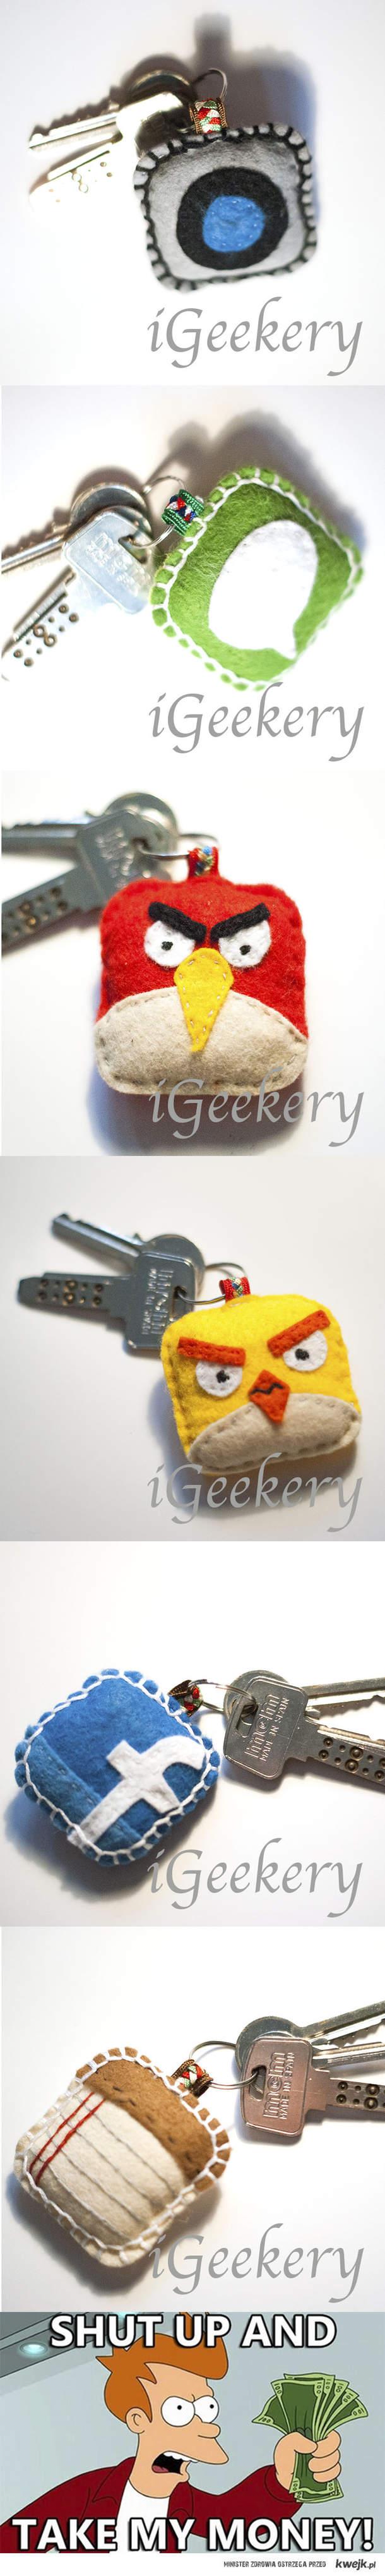 iGeekery